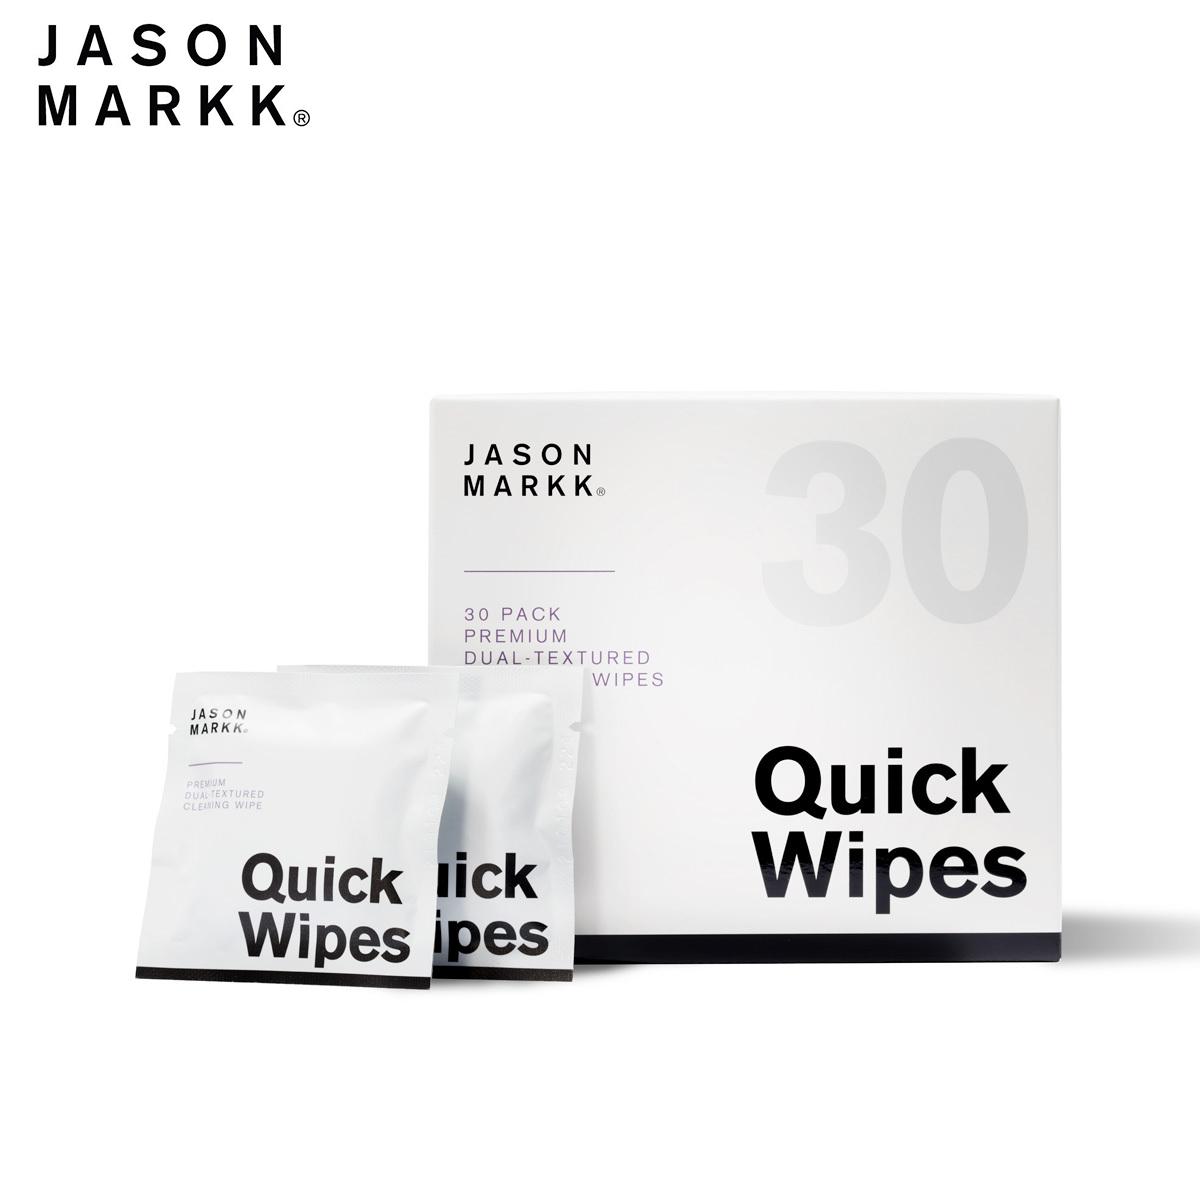 送料無料 汚れ落とし 新作 スニーカー 掃除 メンテナンス ケア お手入れ シューケア クリーナー たっぷり使える30個入りパック スニーカークリーナー JASON MARKK - ジェイソンマーク QUICK PACK 30 30個入りパック 30パック ワイプス 期間限定今なら送料無料 WIPES クイック